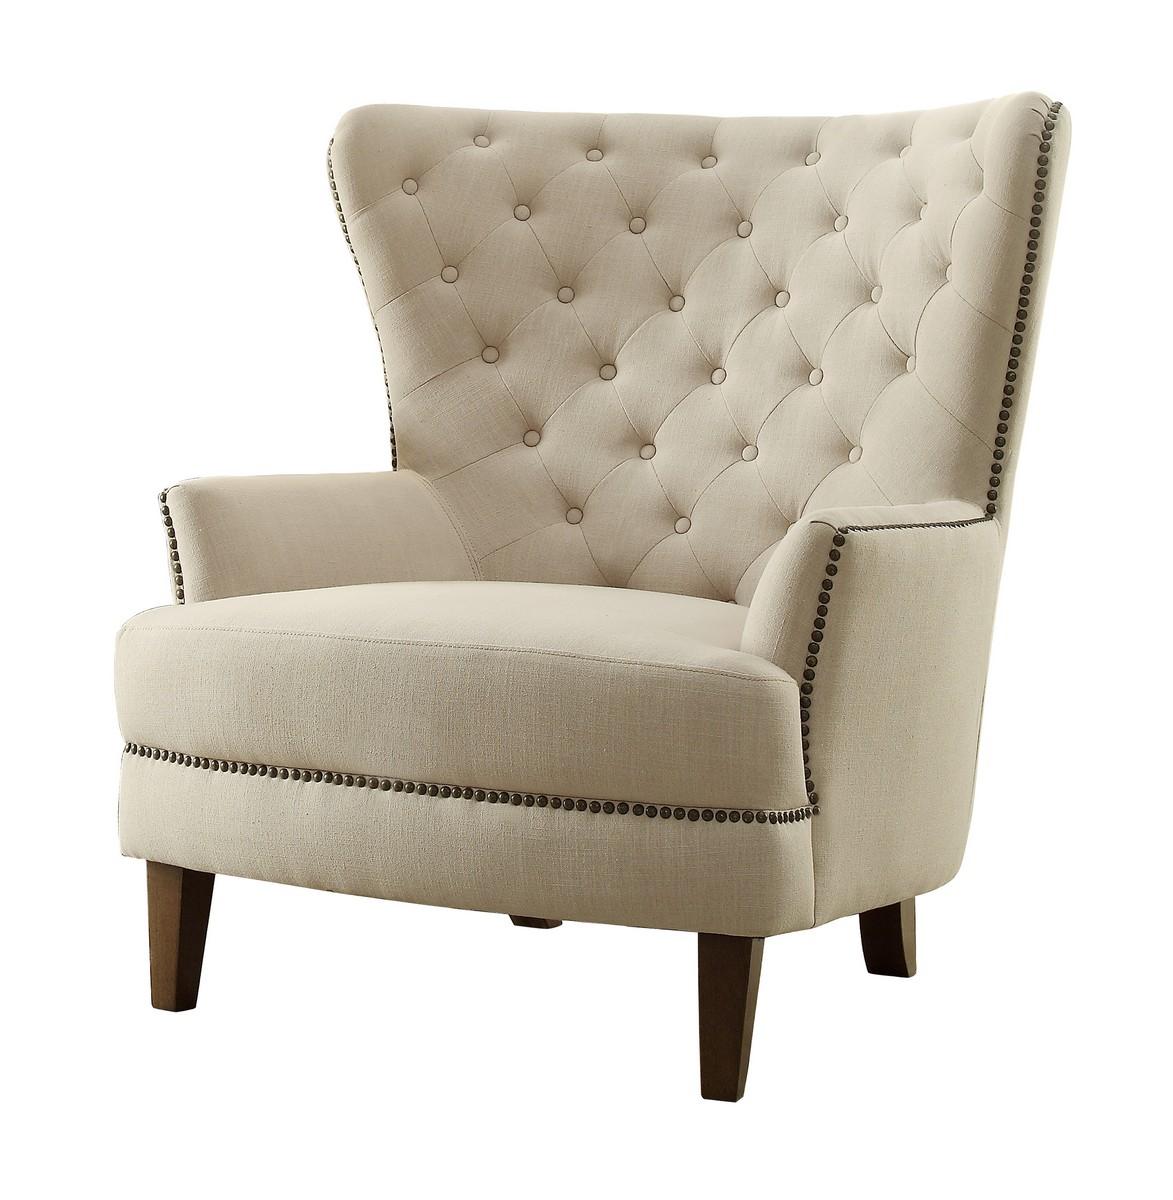 Homelegance Rhett Accent Chair - Linen - Natural